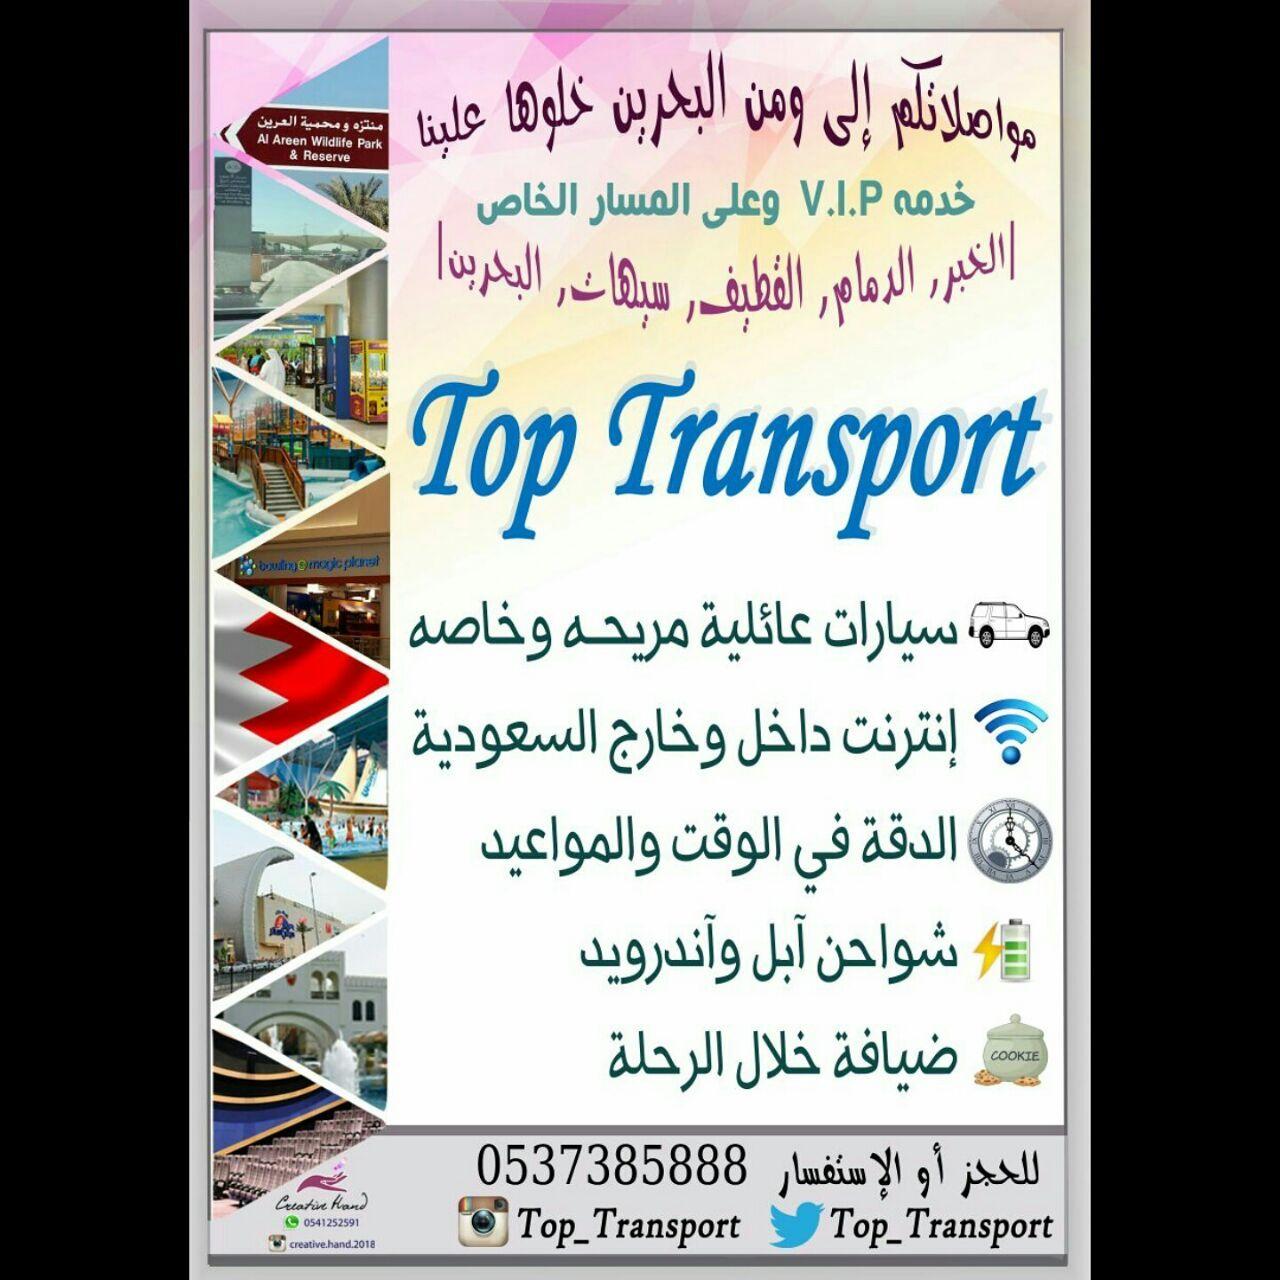 معلومات عن الاإعلان توصيل البحرين توصيل الكويت خدماتنا Vip سيارات عائلية مريحة وخاصة إنترنت بالسعودي Bullet Journal Lille Journal